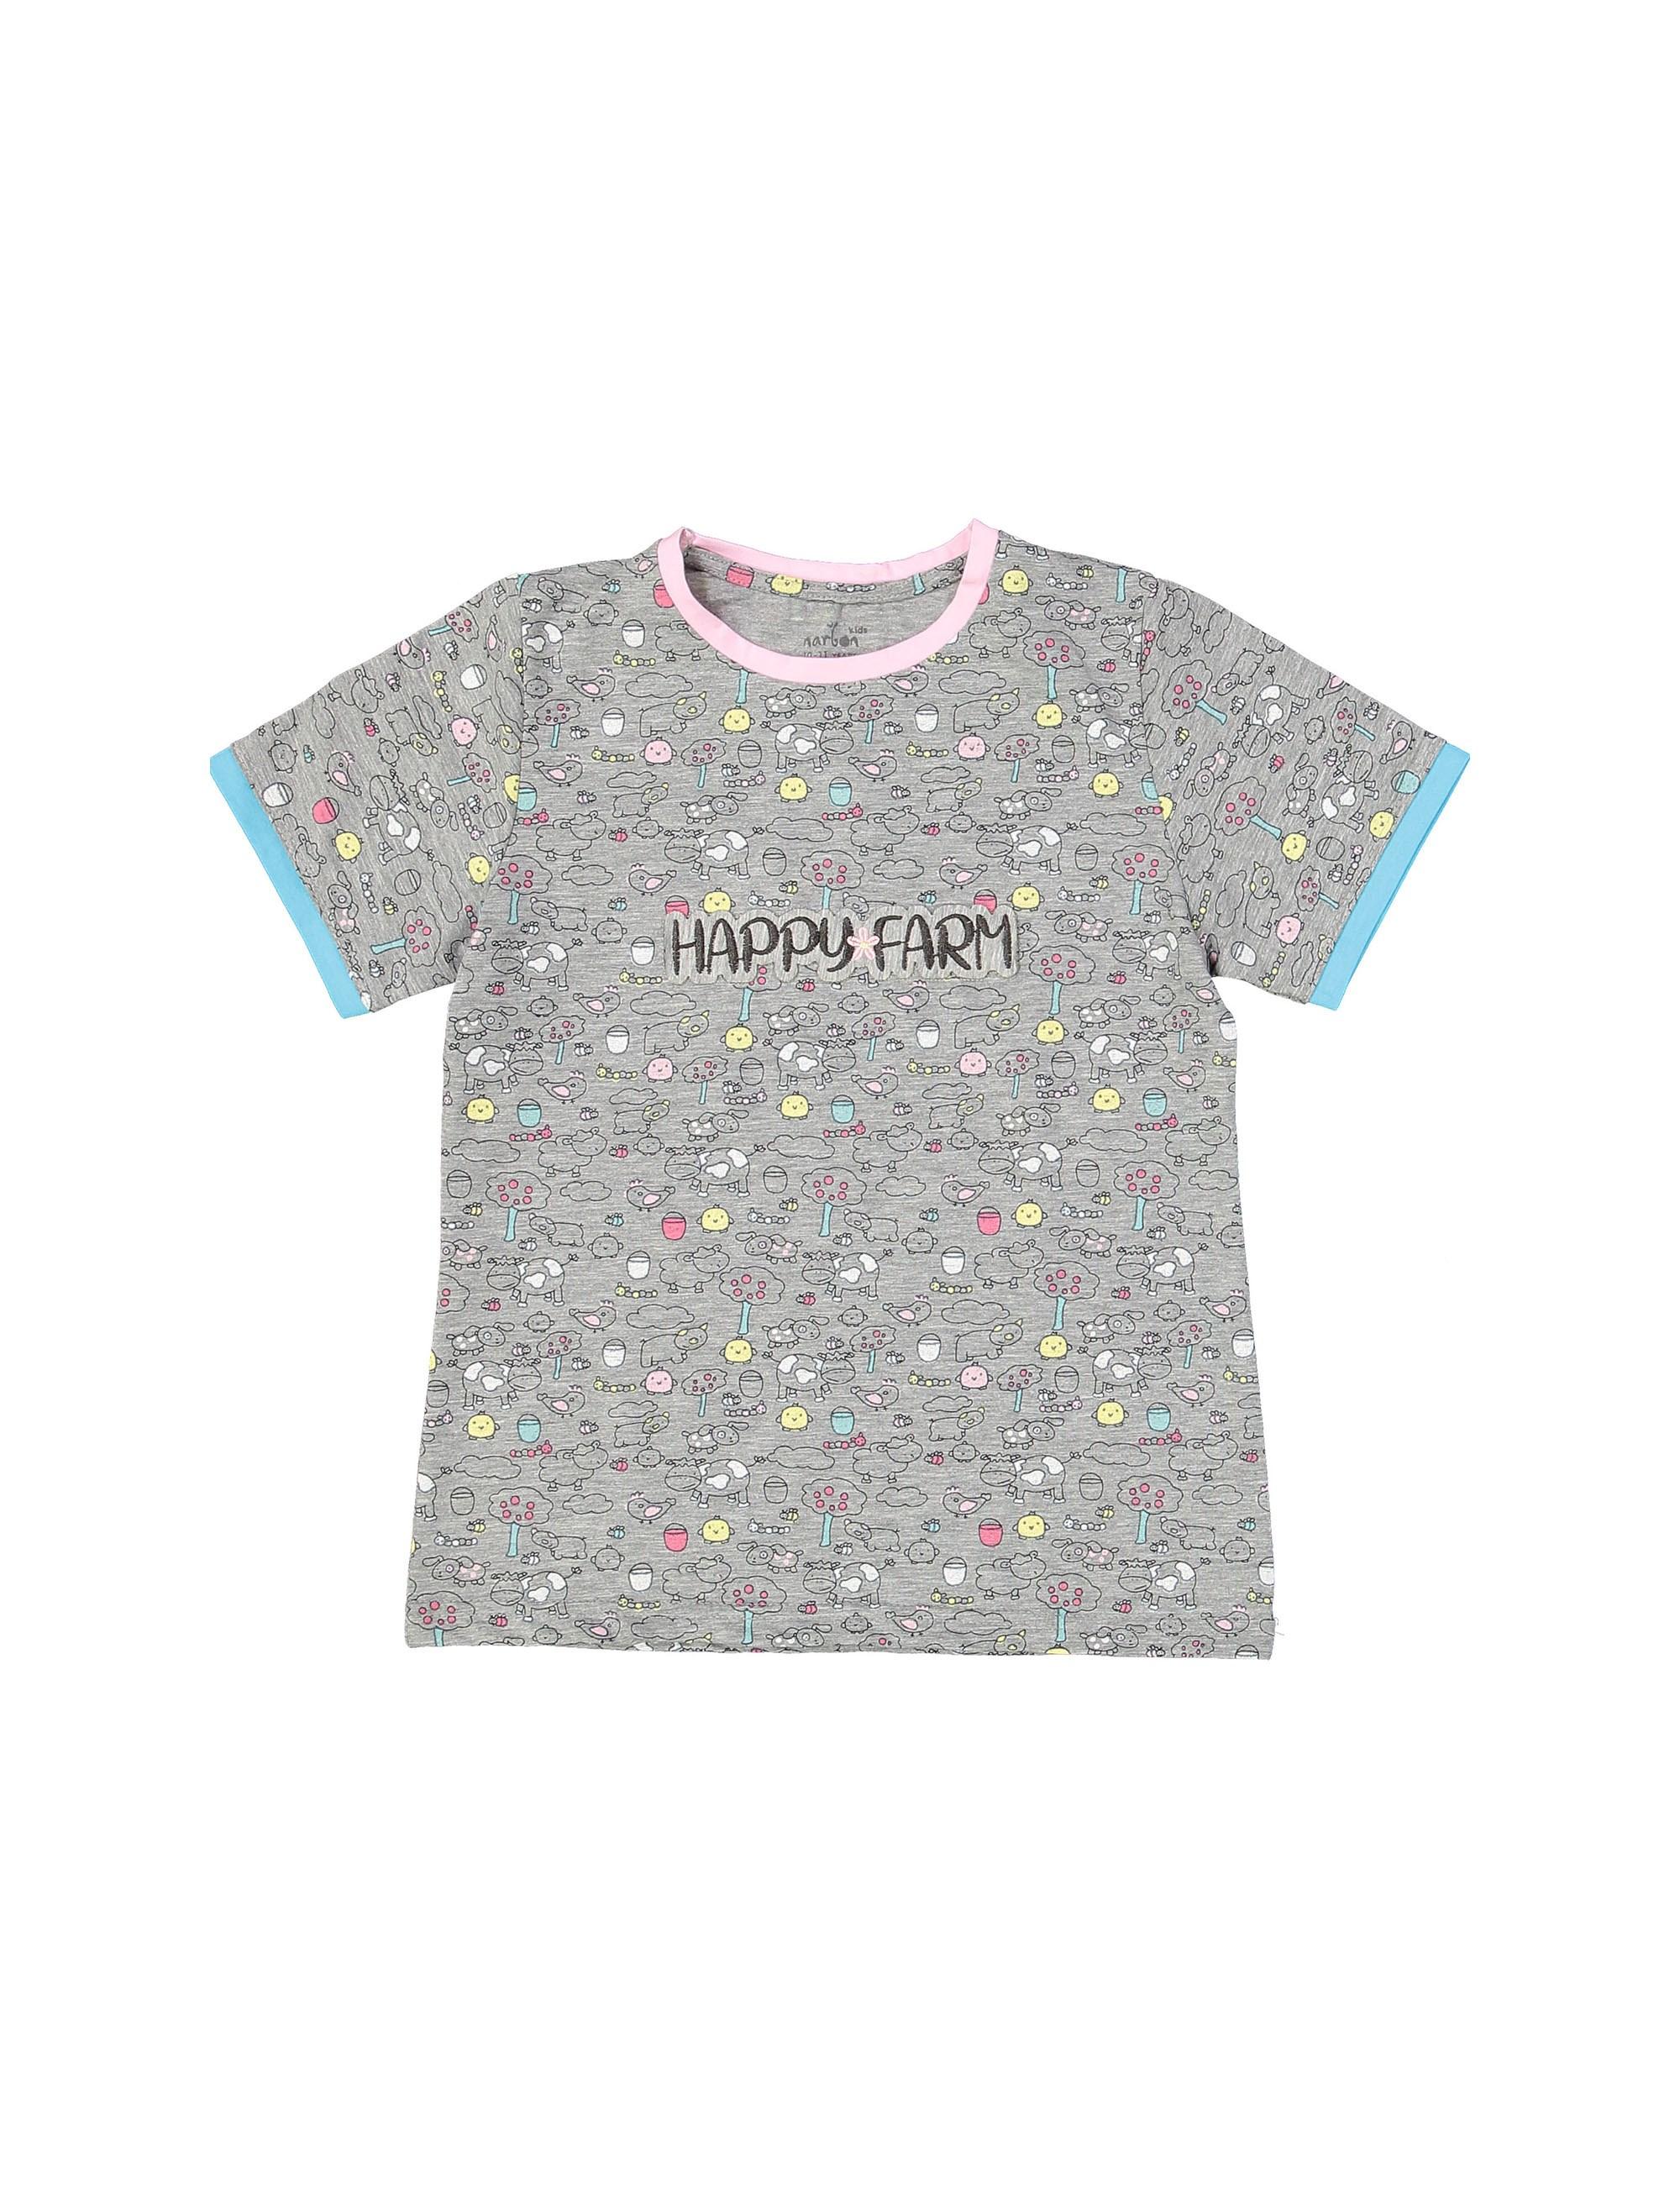 تی شرت و شلوار نخی بچگانه مزرعه شاد - ناربن - طوسي - 2